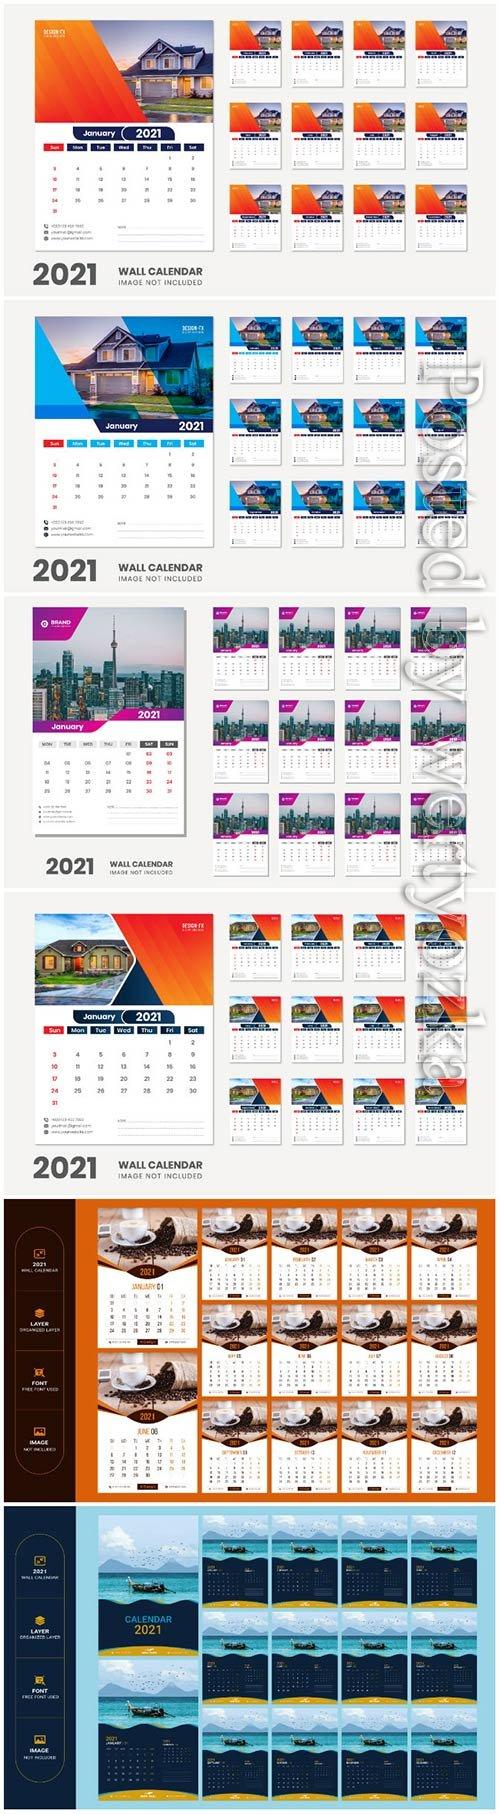 2021 desk calendar - 12 months included